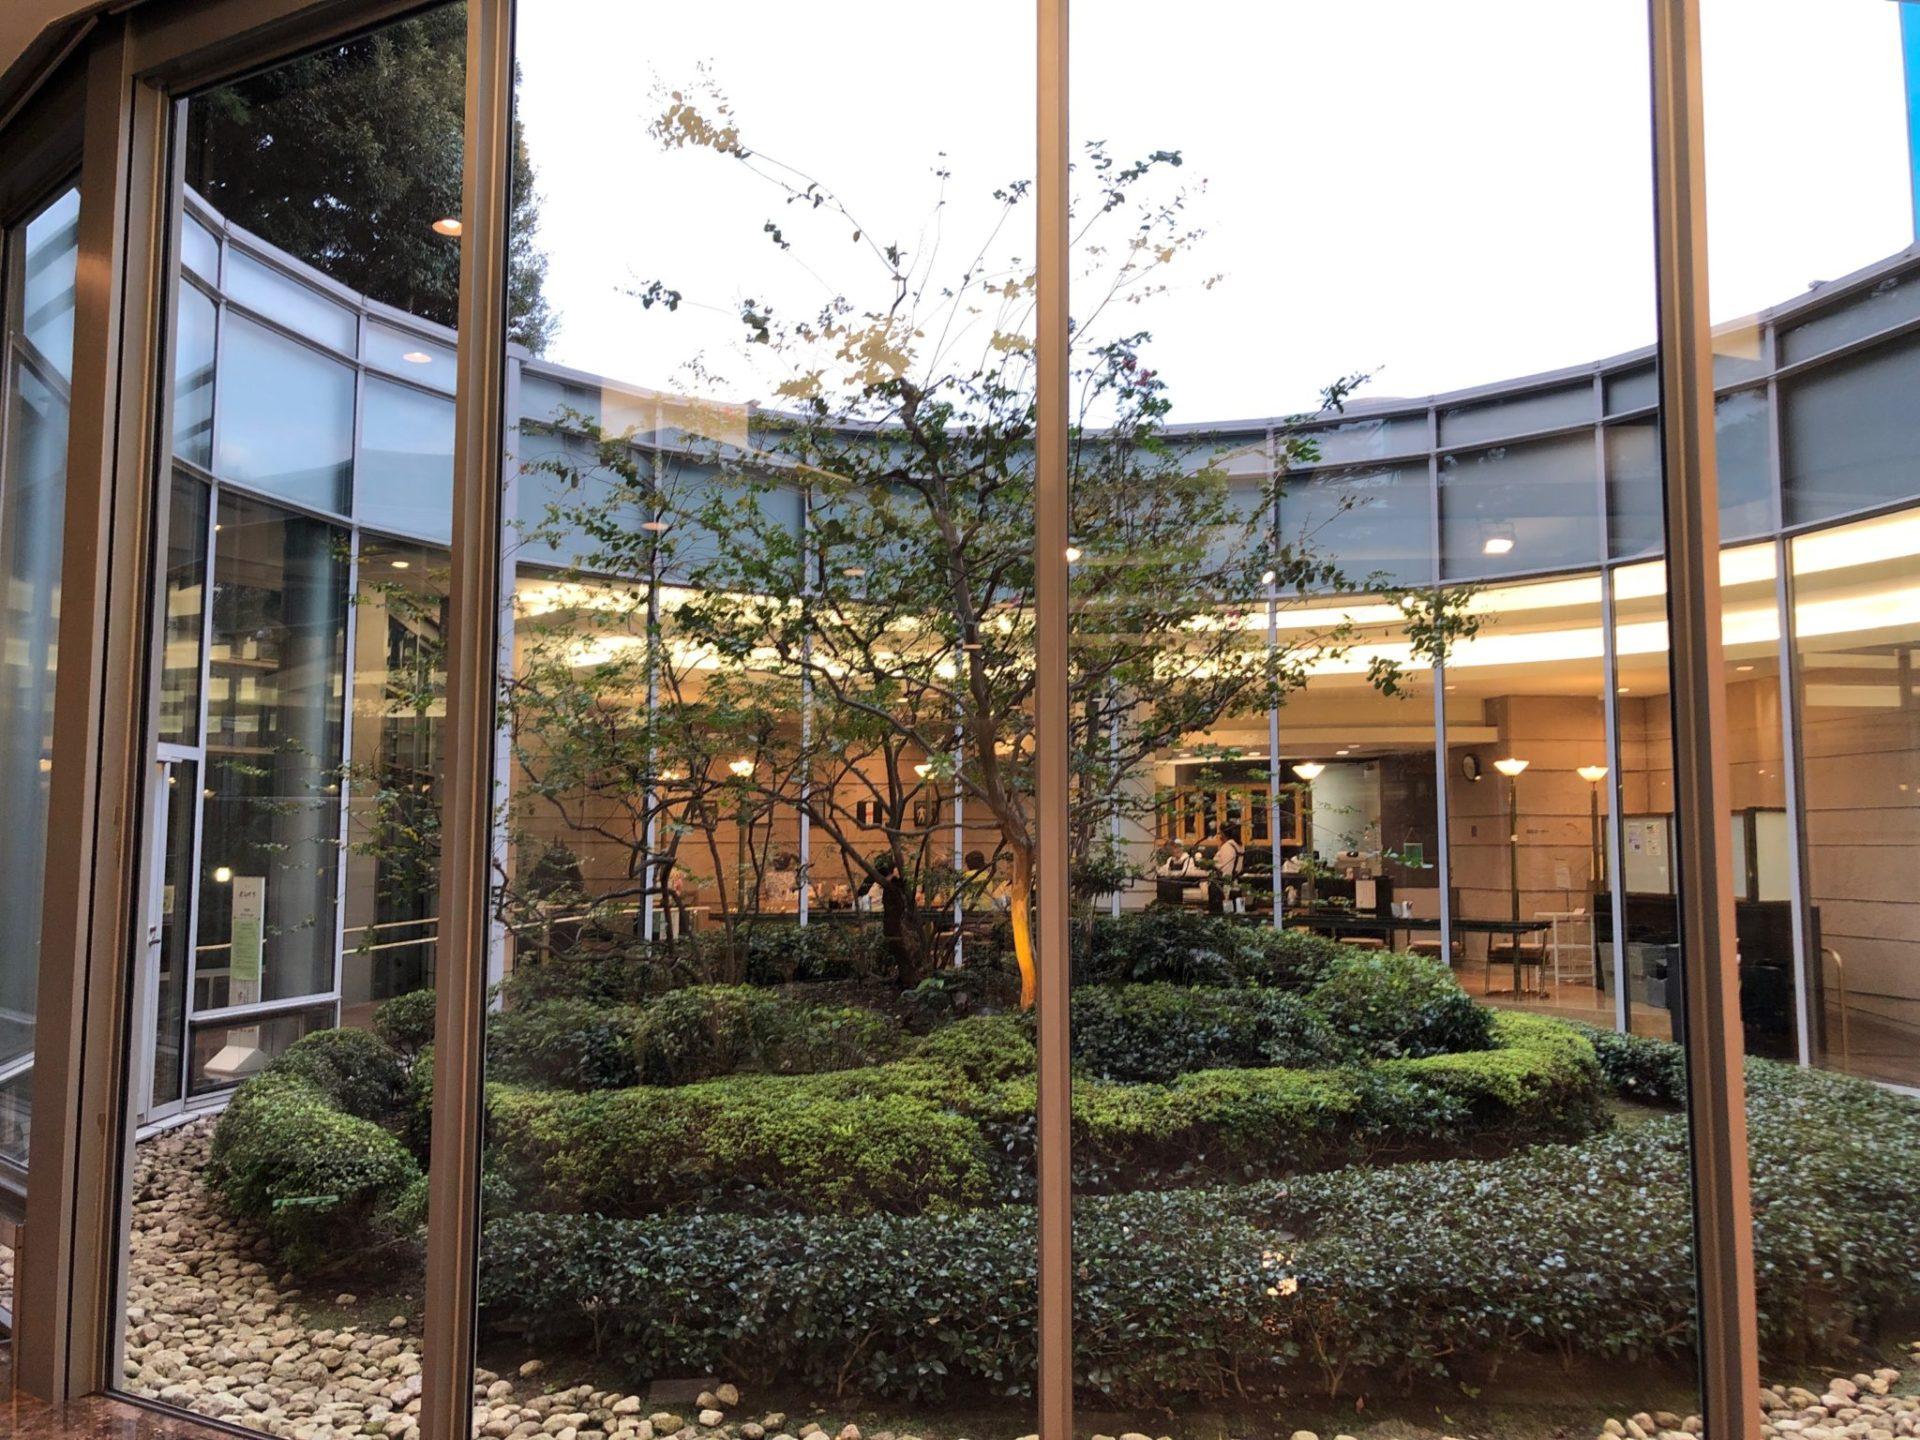 世田谷文学館 芦花公園のライブラリーにあるカフェ